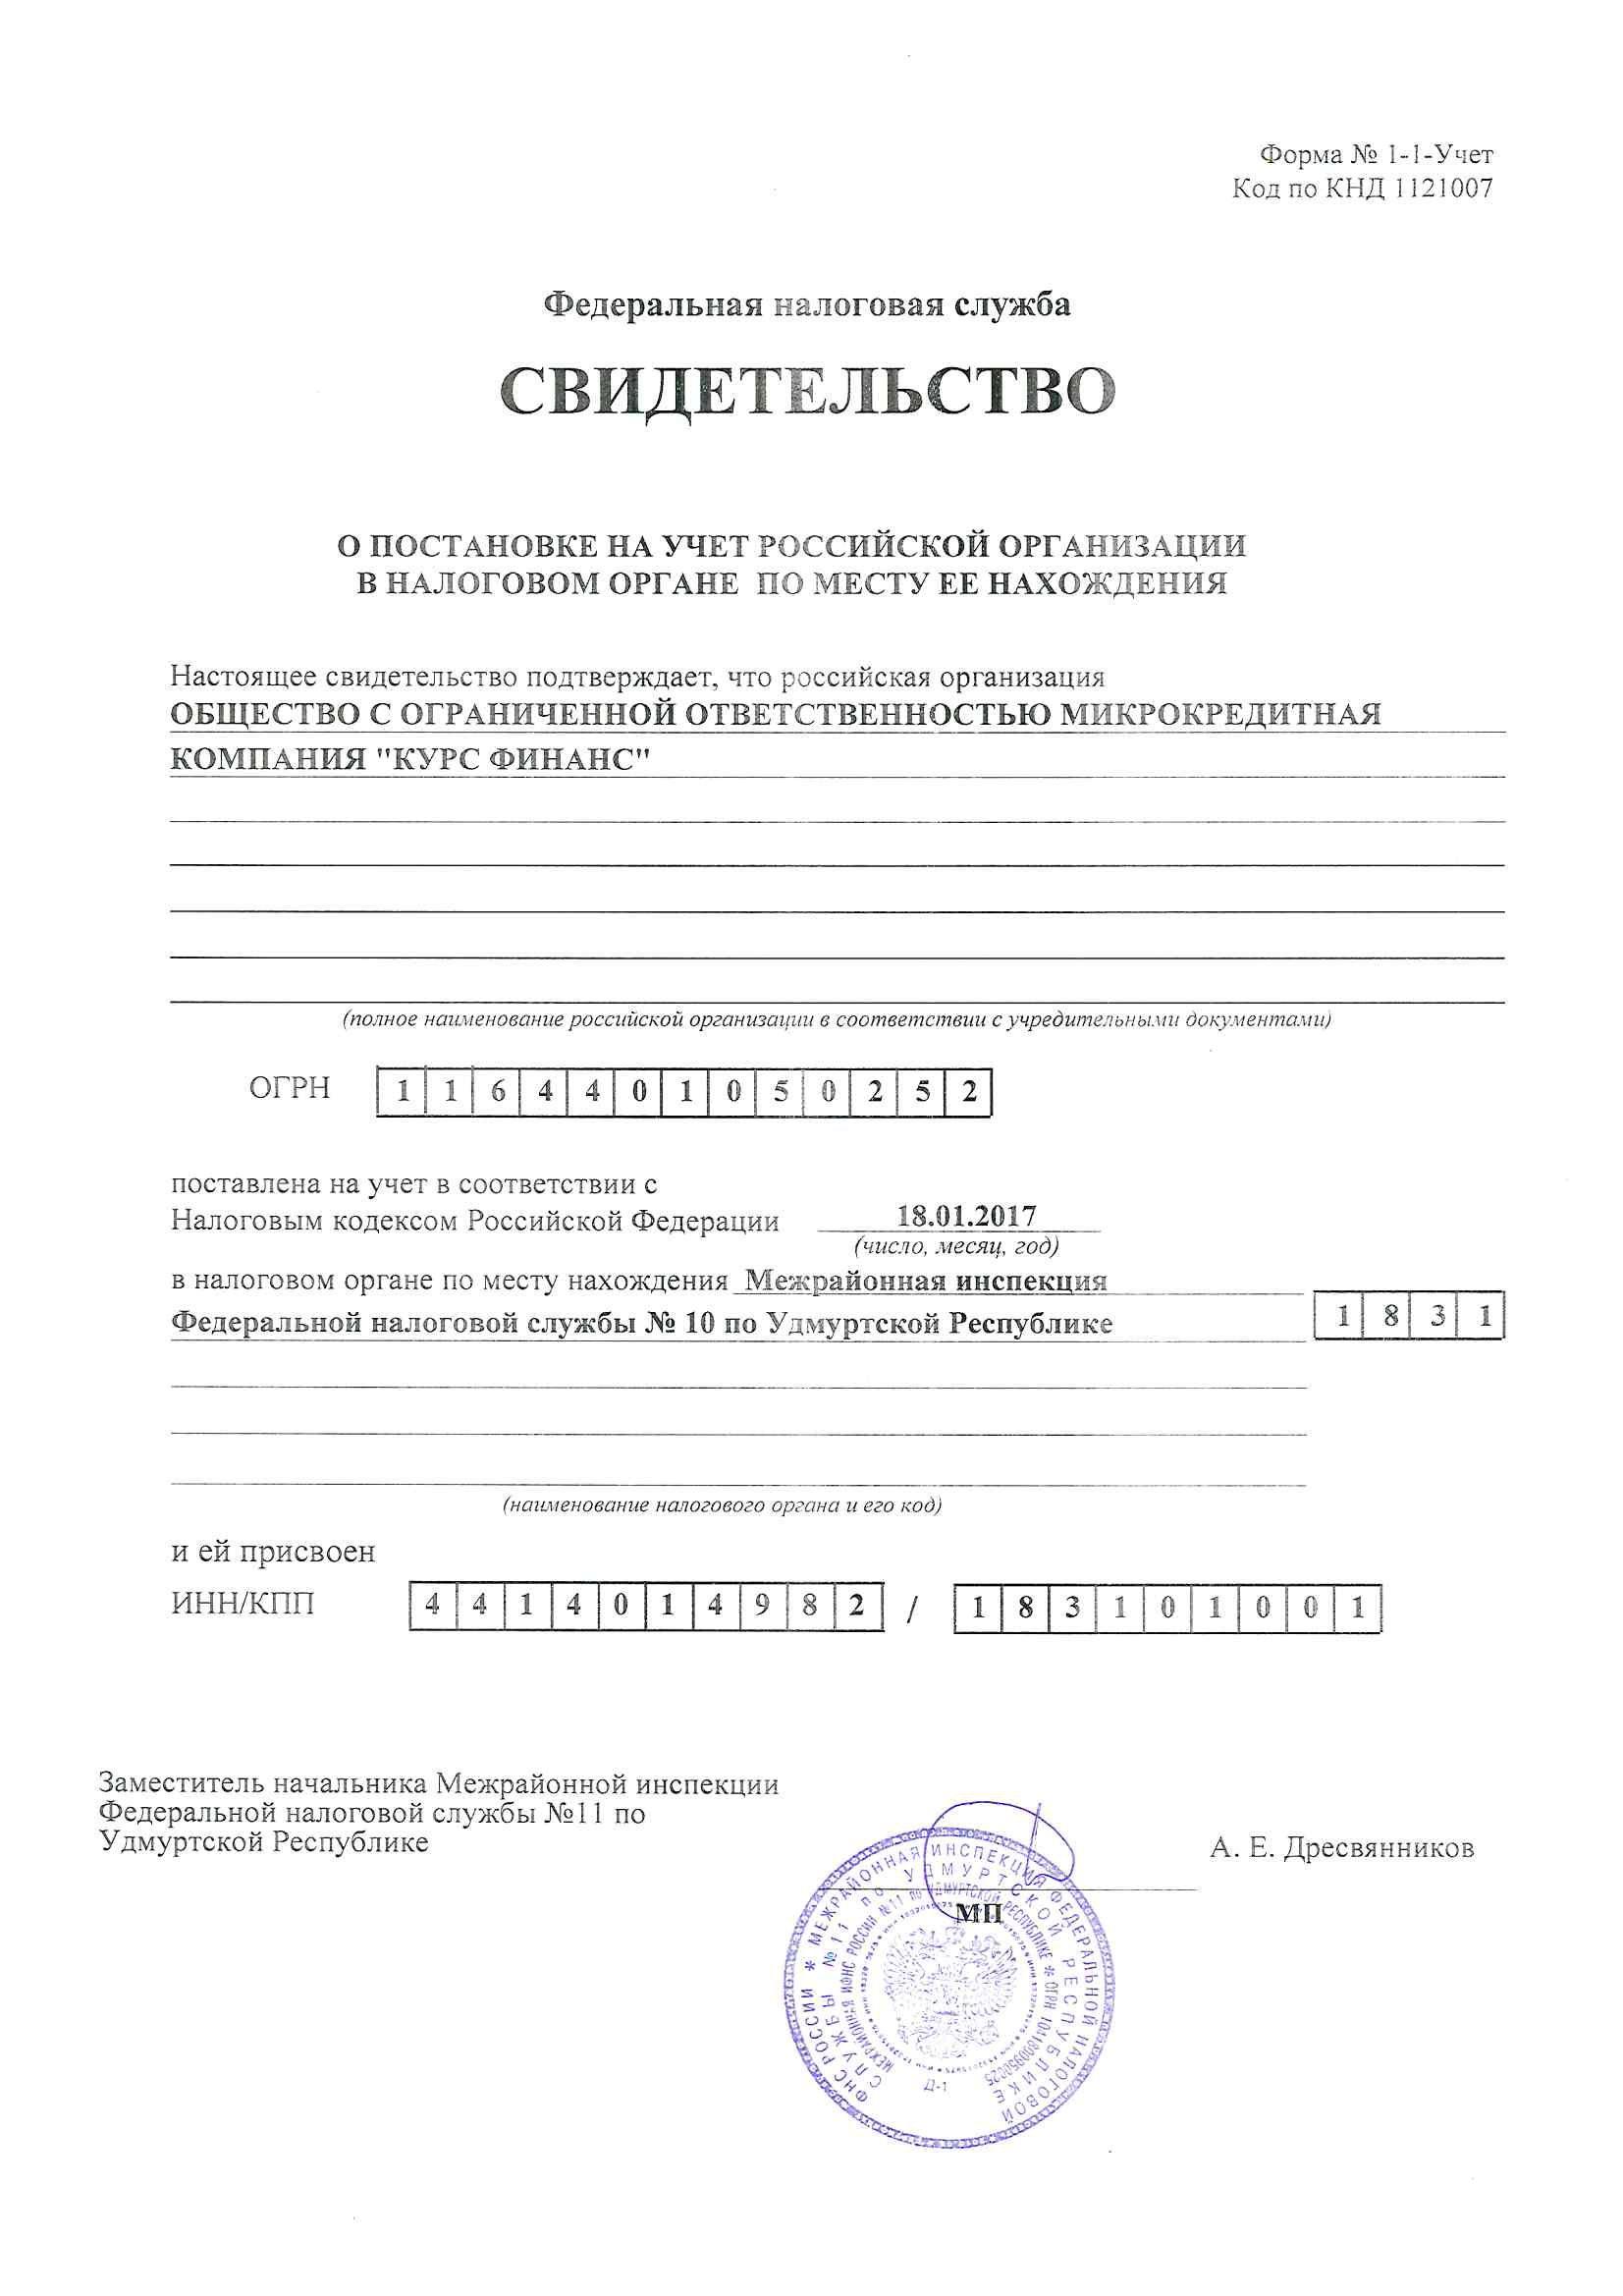 Официальные мкк займ под залог недвижимости красноярск отзывы